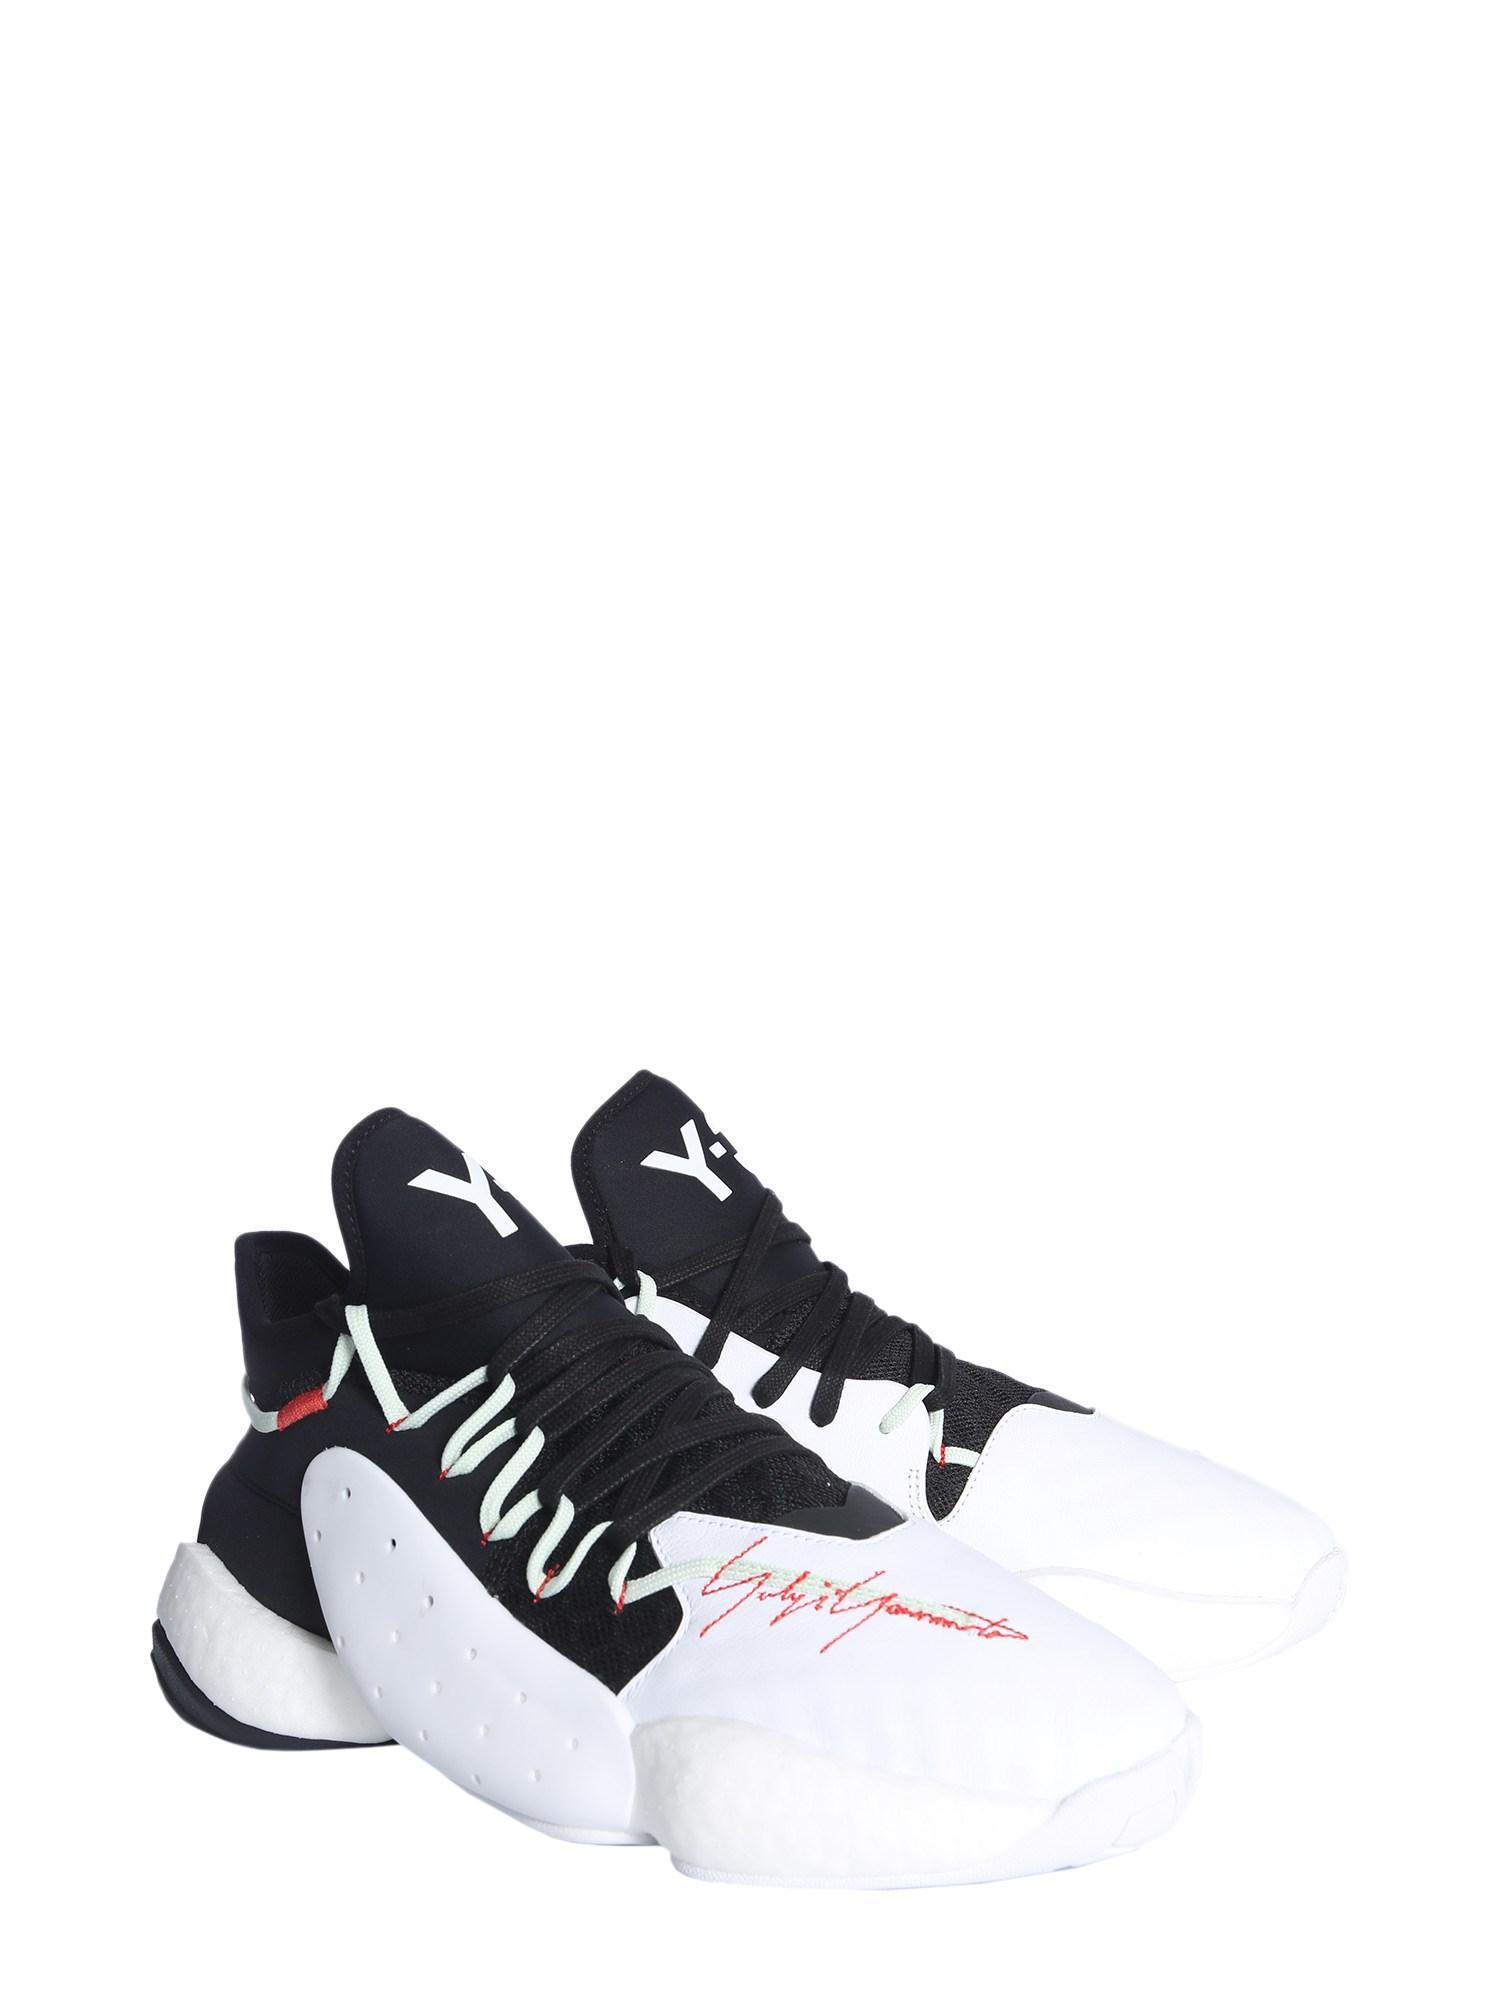 newest b932d fba39 Y-3 - Multicolor Sneaker Byw Bball In Neoprene E Pelle for Men - Lyst. View  fullscreen